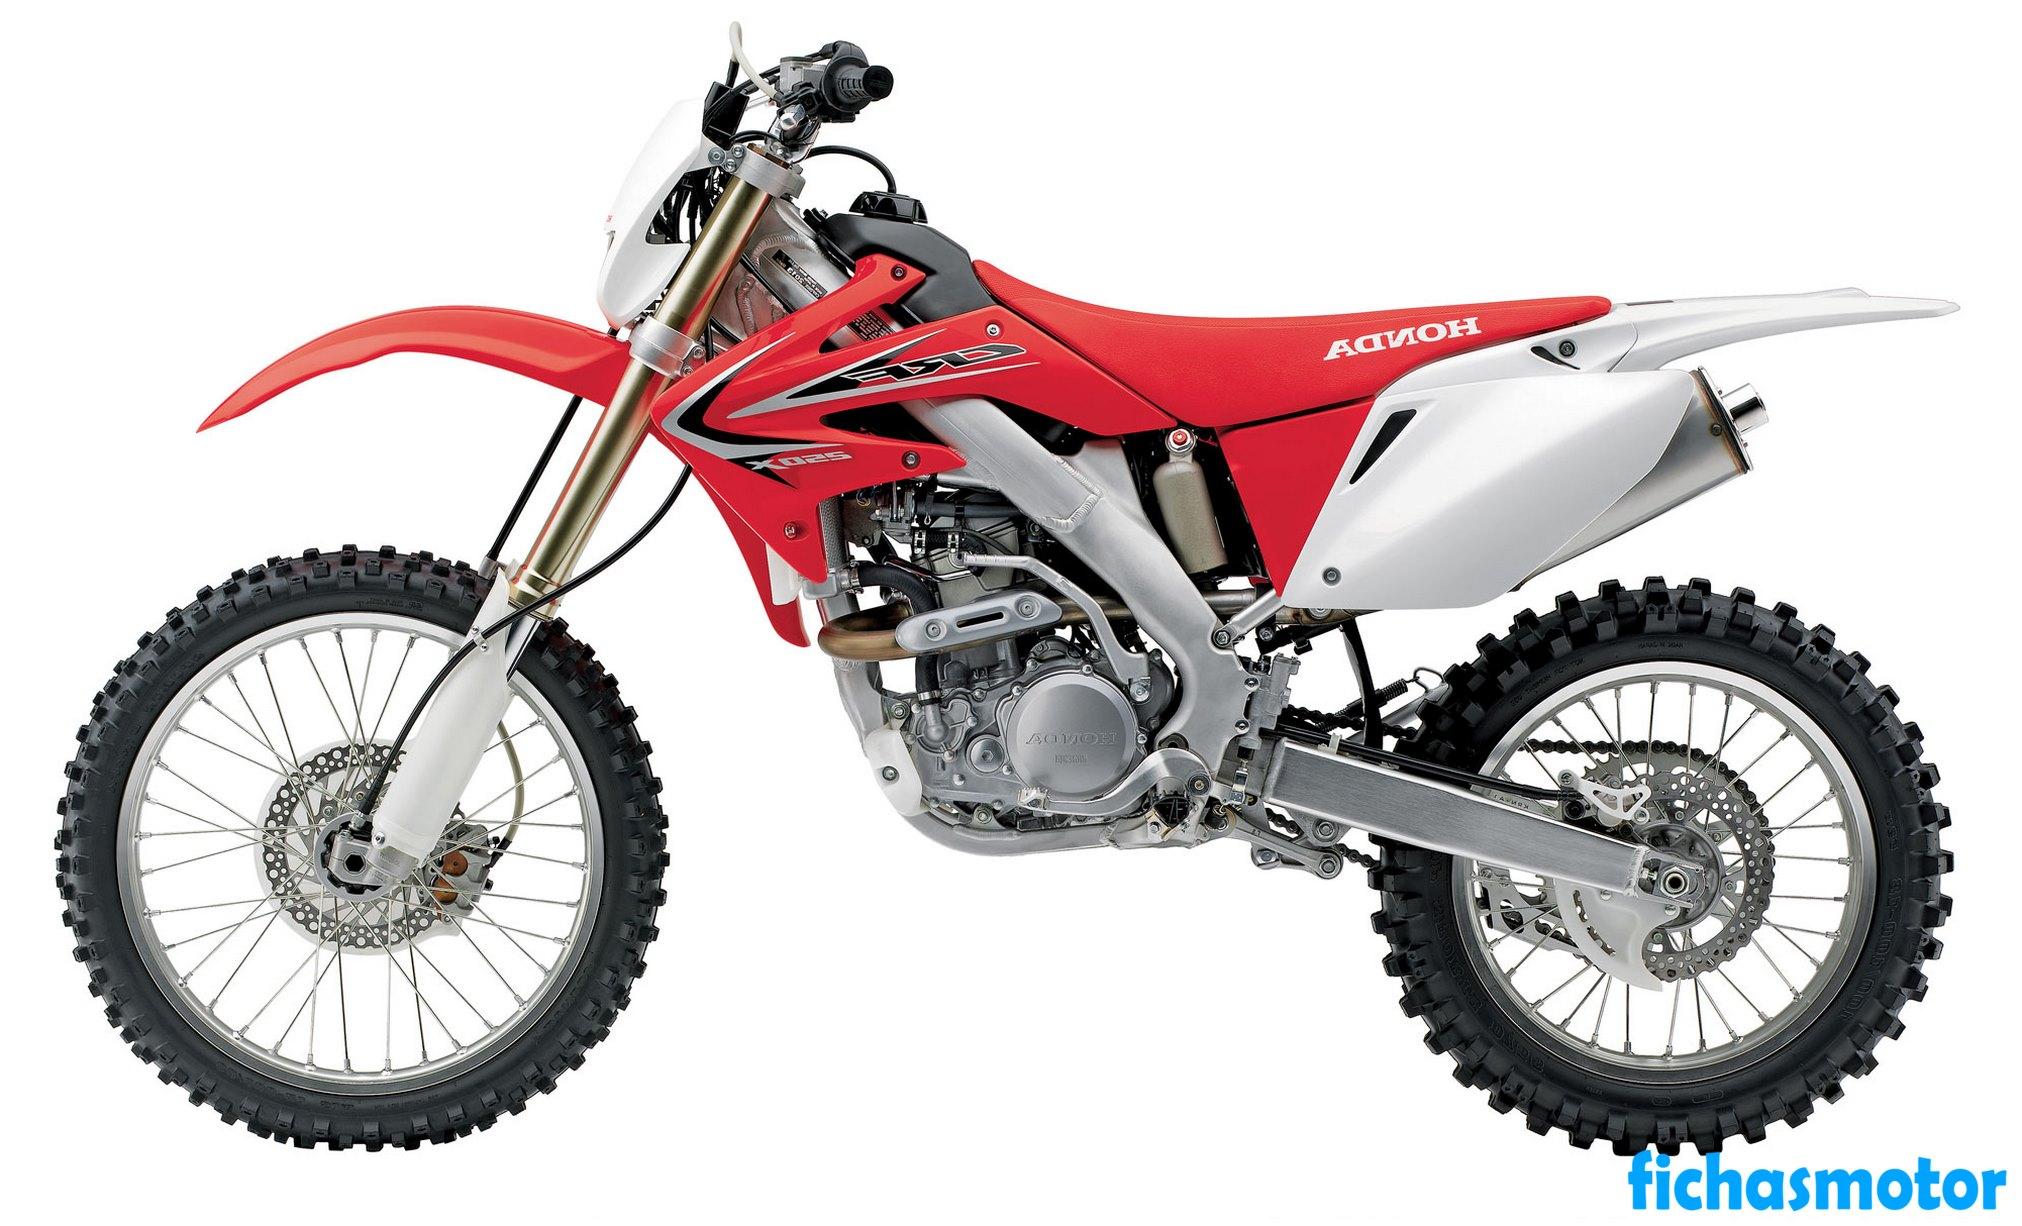 Ficha técnica Honda crf250x 2013